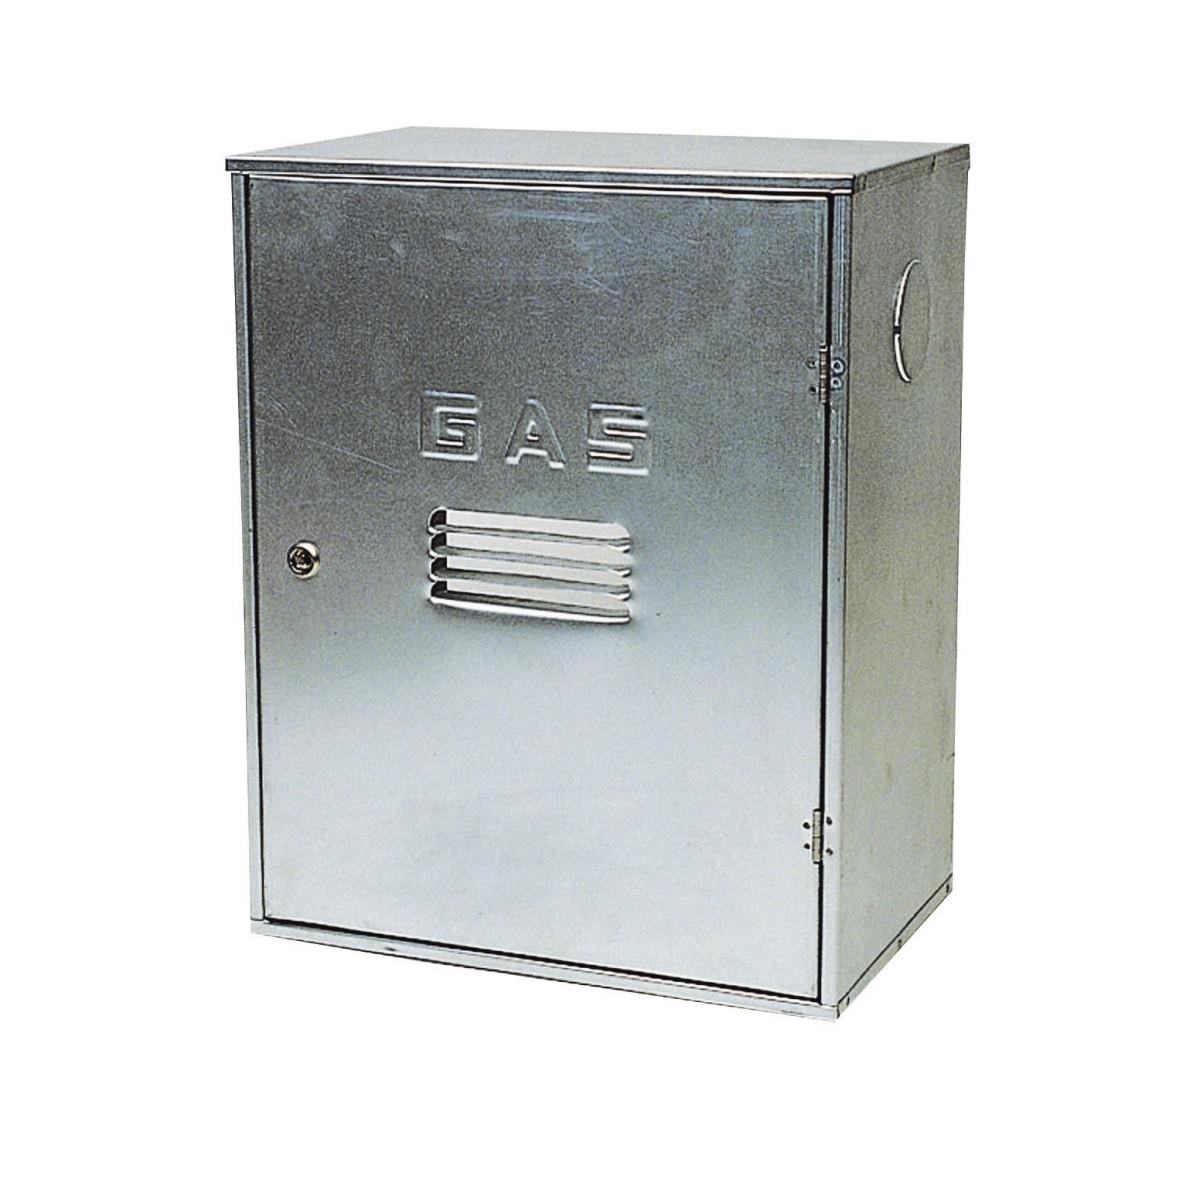 Cassetta per contatore gas 500x400x230 mm